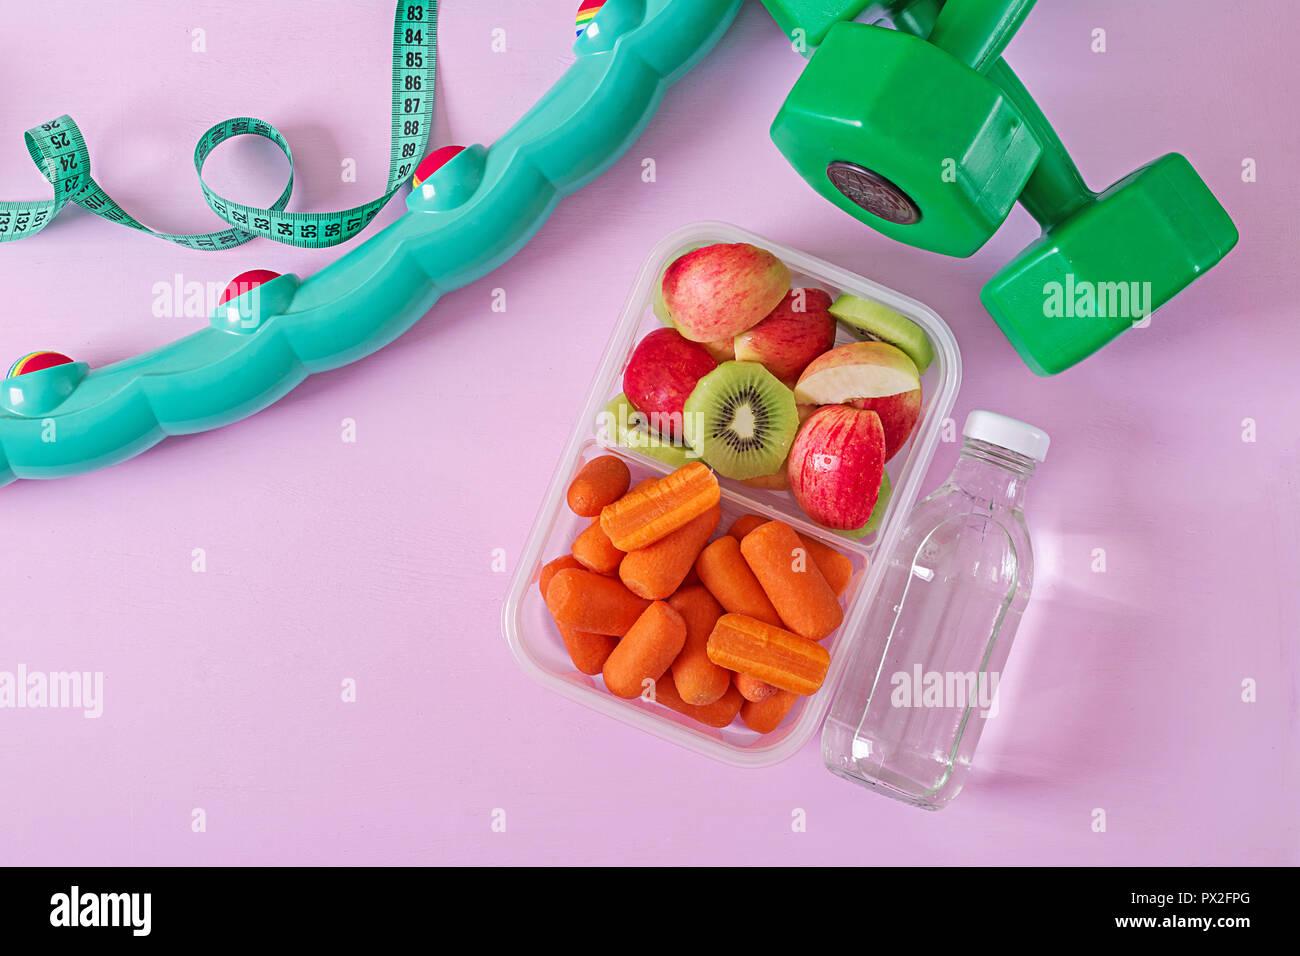 Fitnessgeräte. Gesundes Essen. Konzept gesunde Ernährung und Sport Lifestyle. Vegetarisches Mittagessen. Hantel, Wasser, Früchte auf rosa Hintergrund. Ansicht von oben. Fl Stockbild